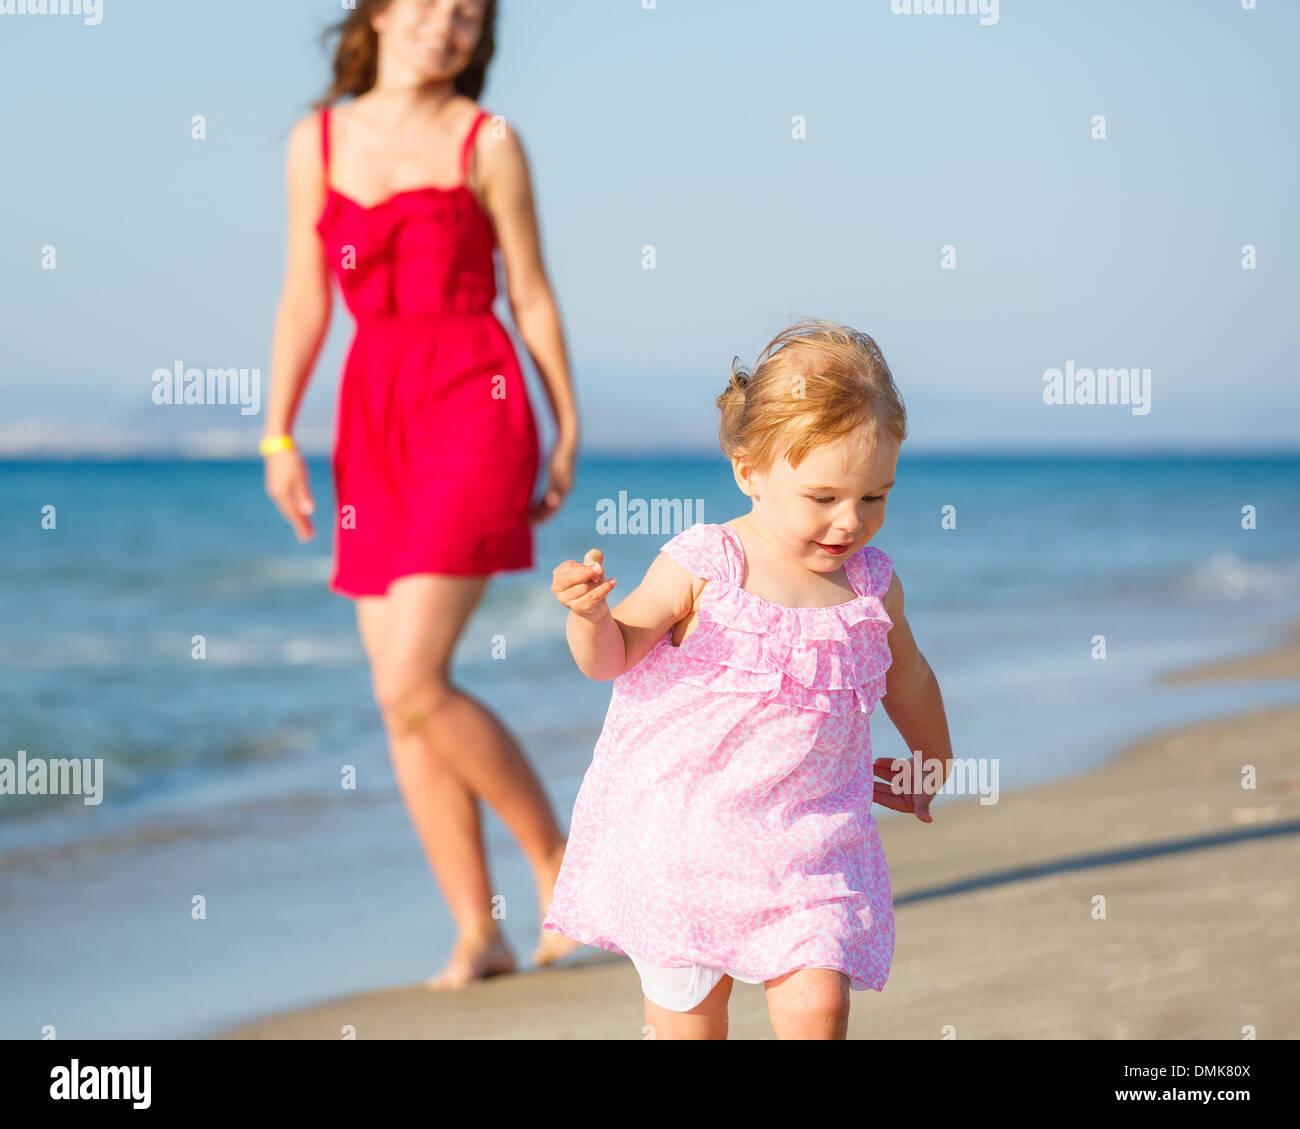 Little girl running on the beach Stock Photo